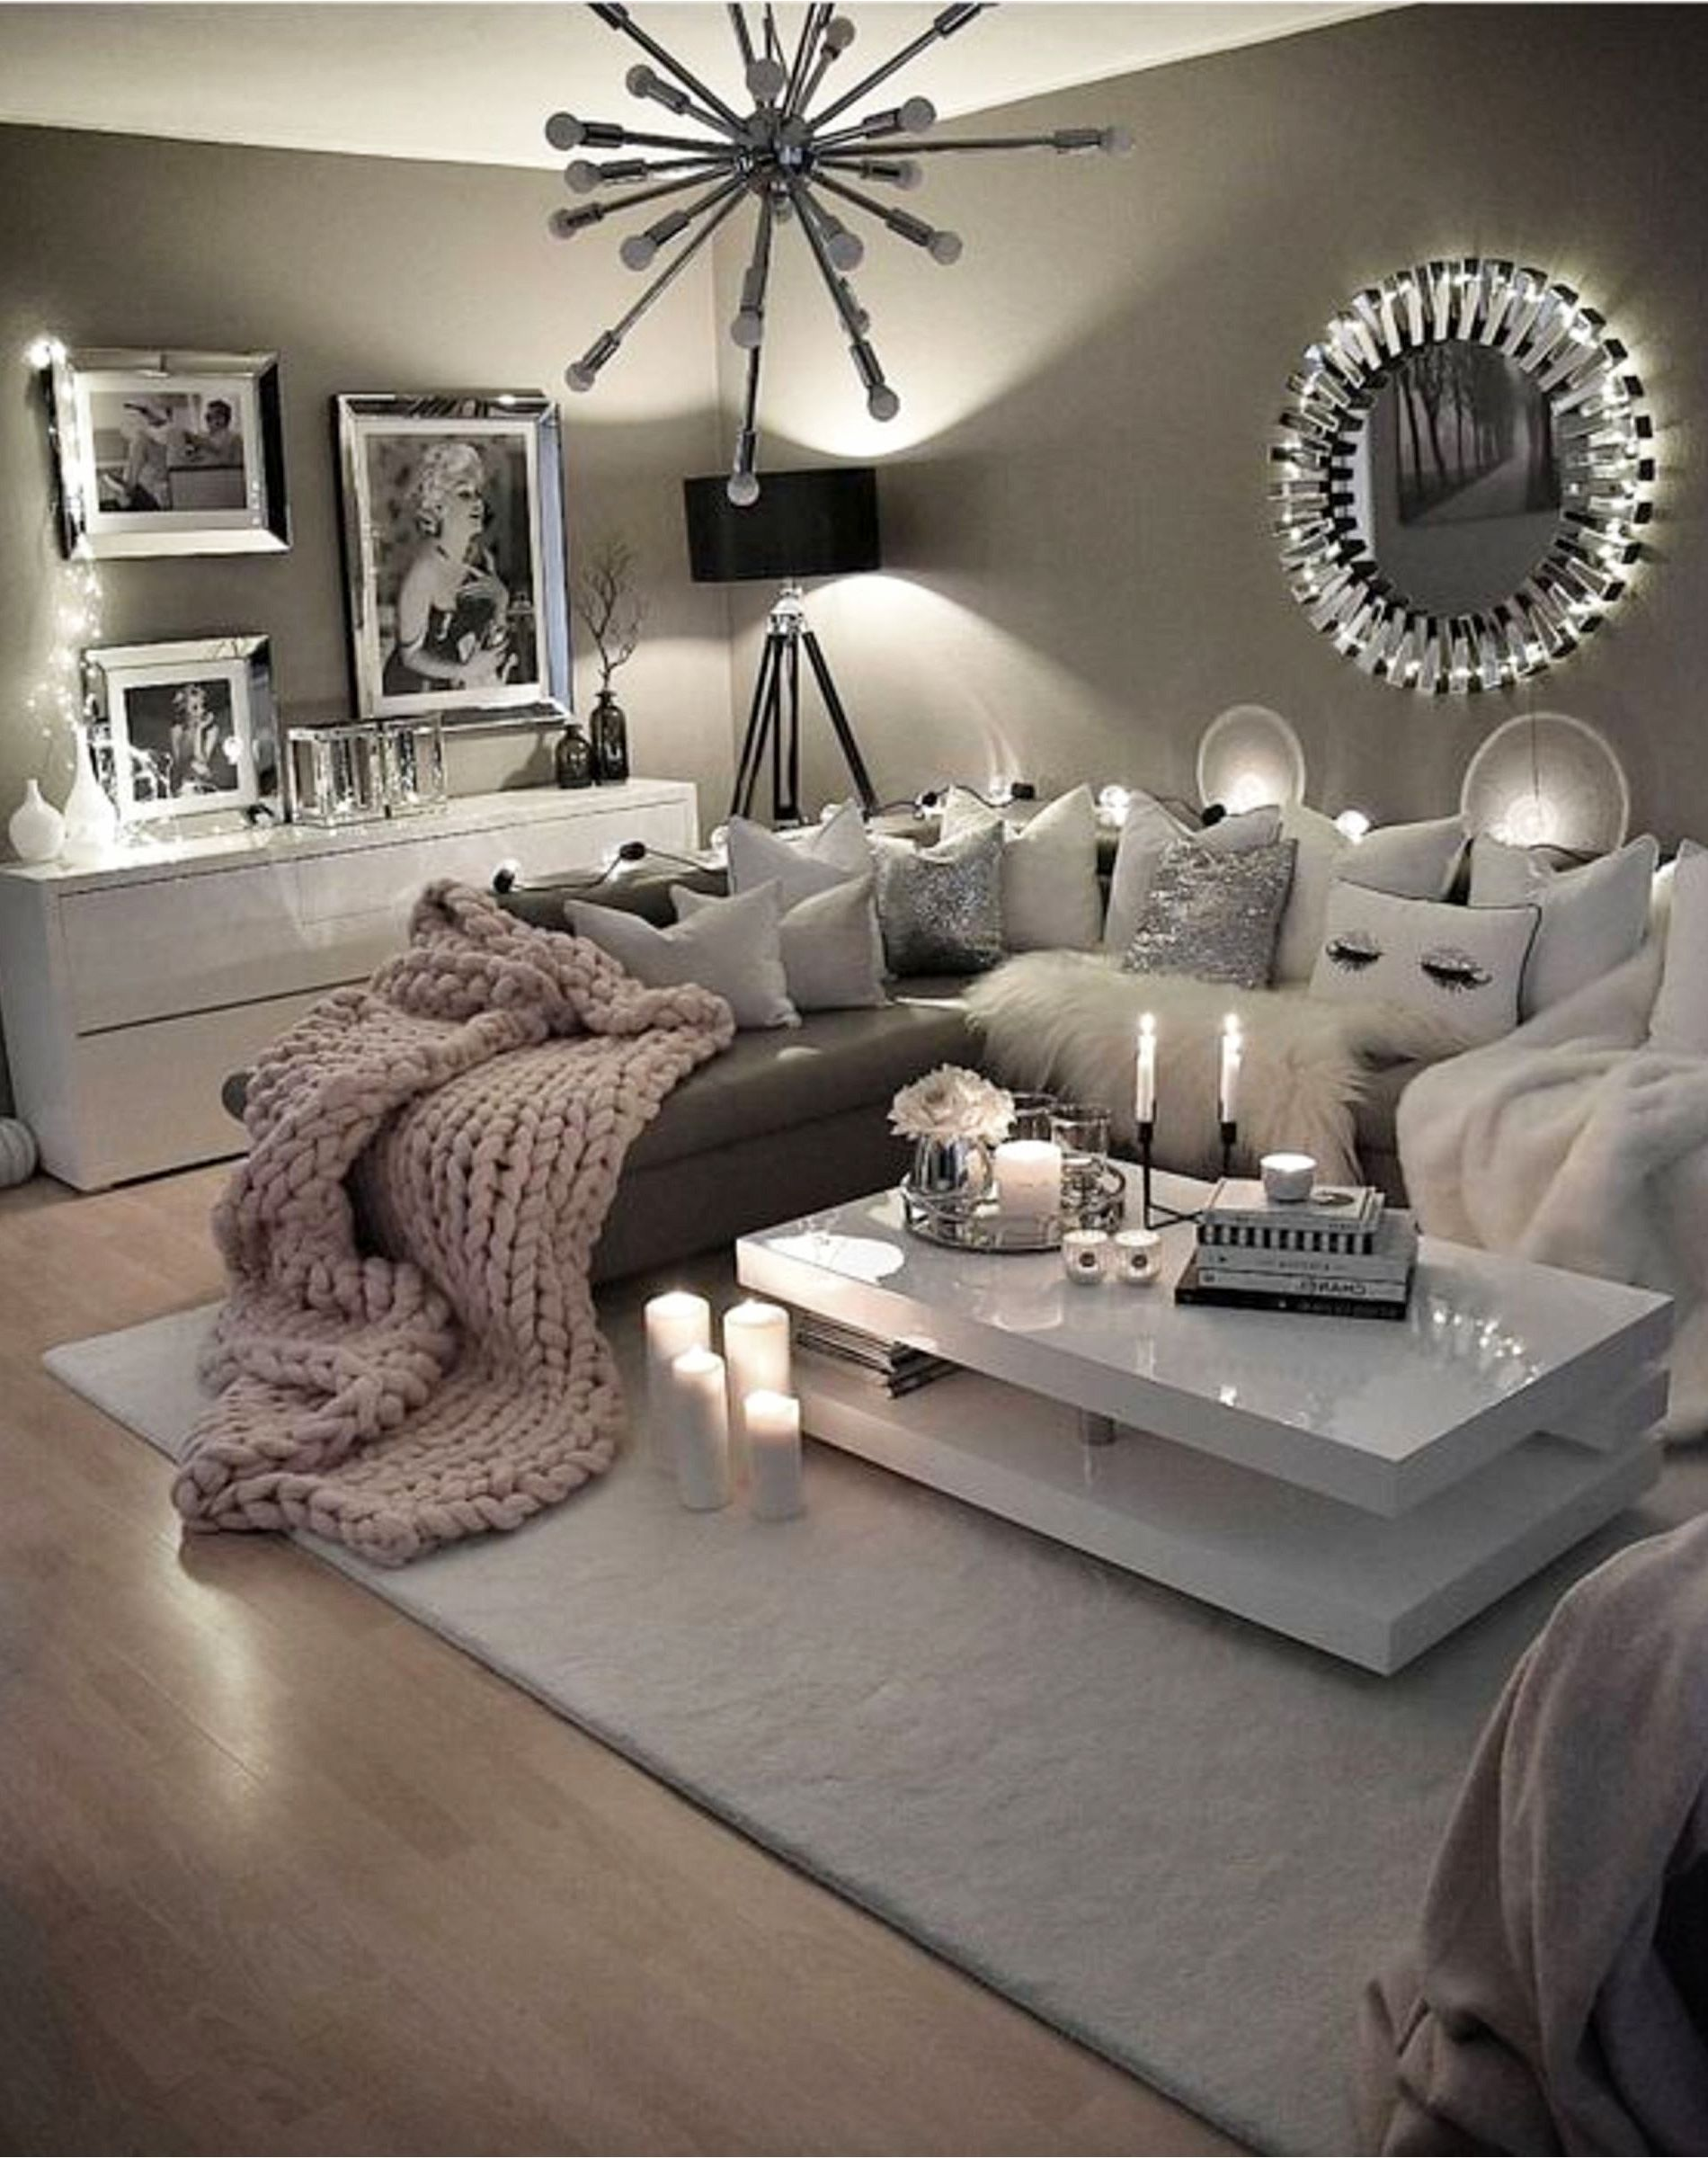 Photo of Gemütliche neutrale Wohnzimmerideen – Erdgraue Wohnzimmer zum Kopieren  #erdgra…